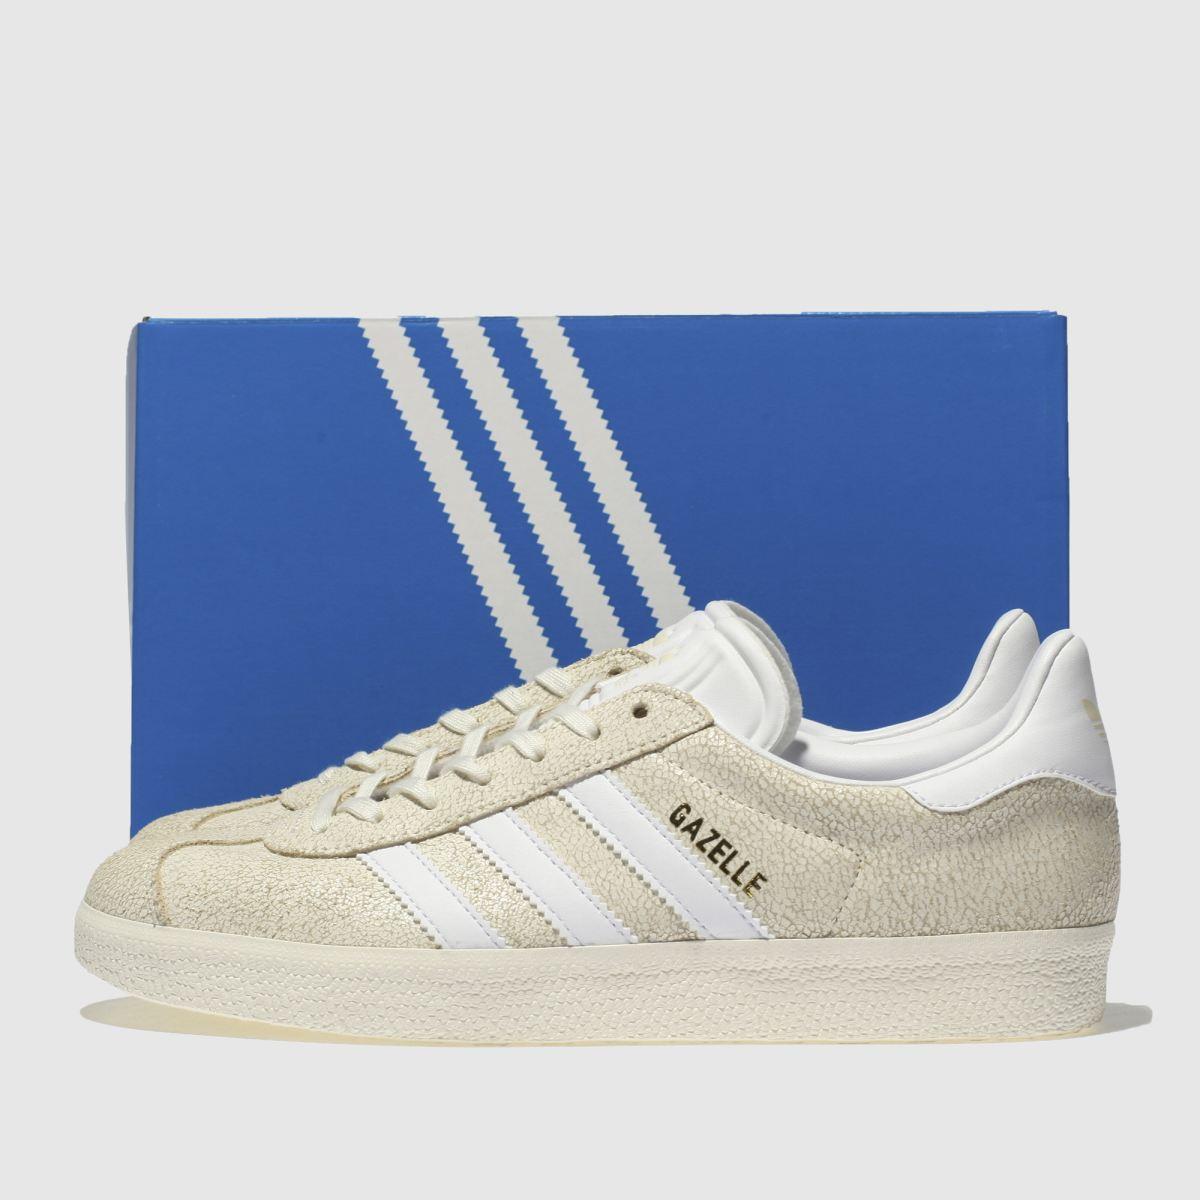 Damen Steingrau adidas Gazelle Sneaker beliebte | schuh Gute Qualität beliebte Sneaker Schuhe d0047d